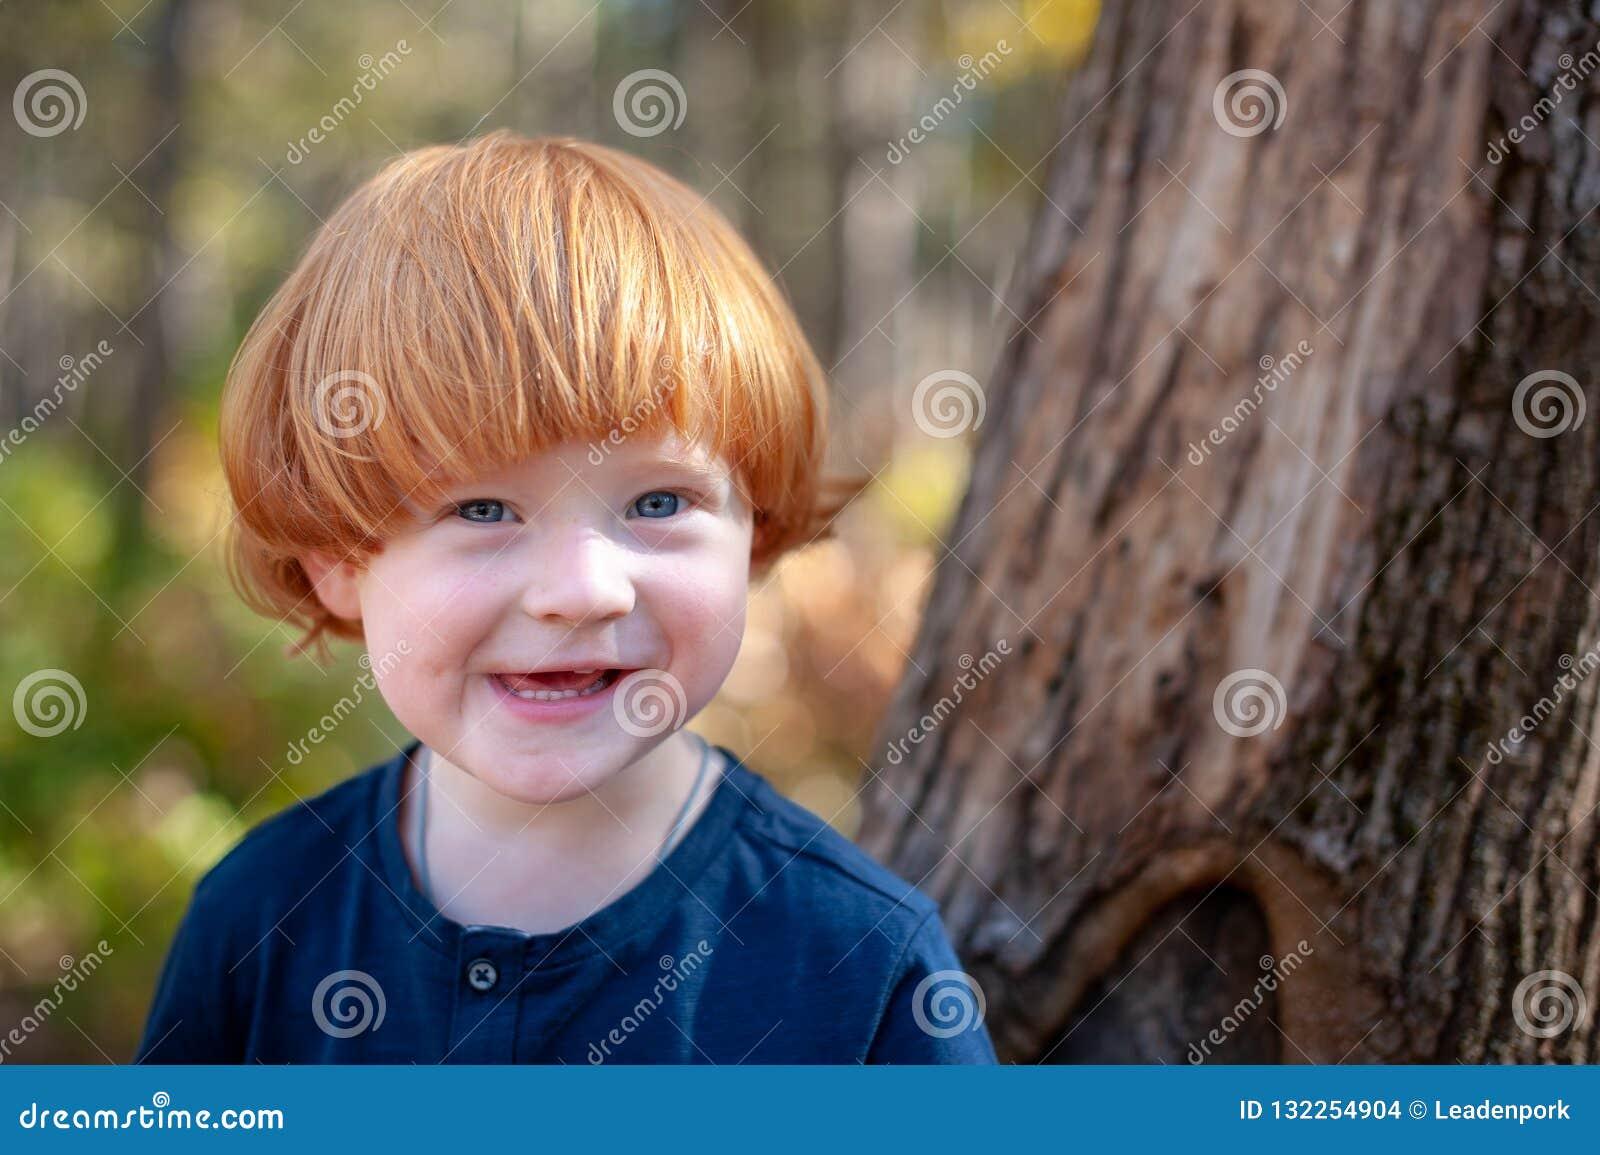 El muchacho pelirrojo sonríe divertido